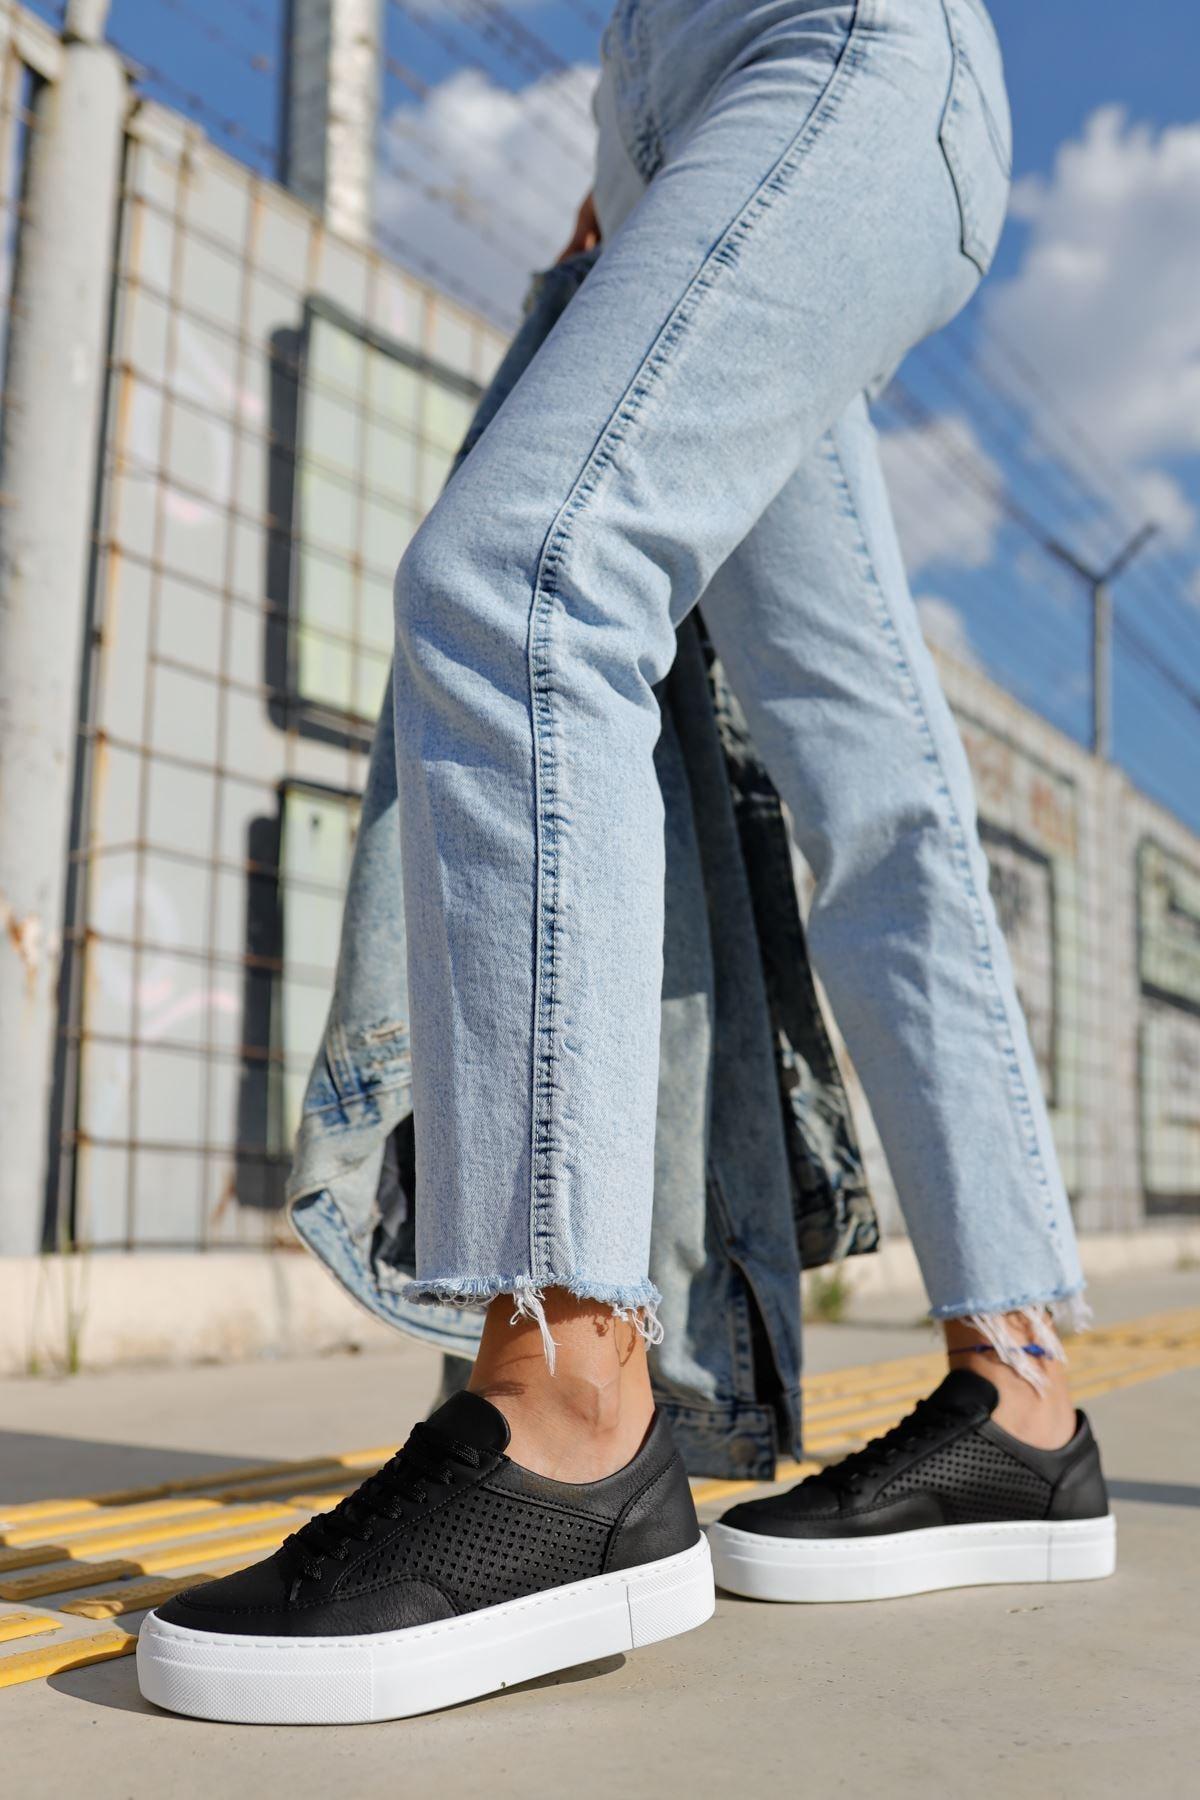 Chekich Ch015 Bt Kadın Ayakkabı Sıyah 2